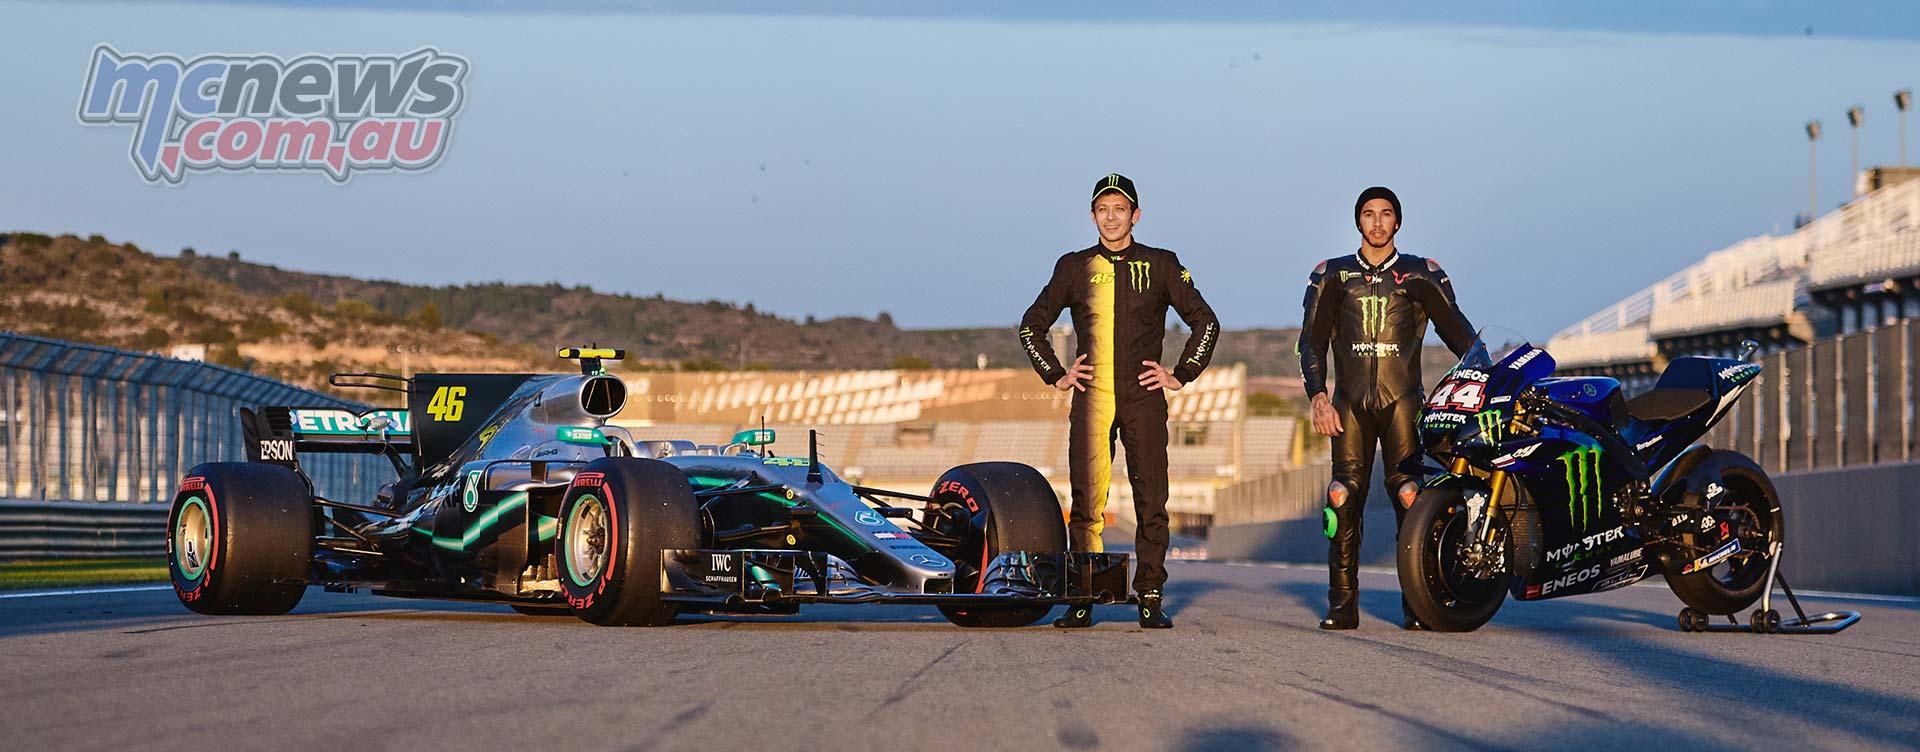 Rossi F Hamilton MotoGP